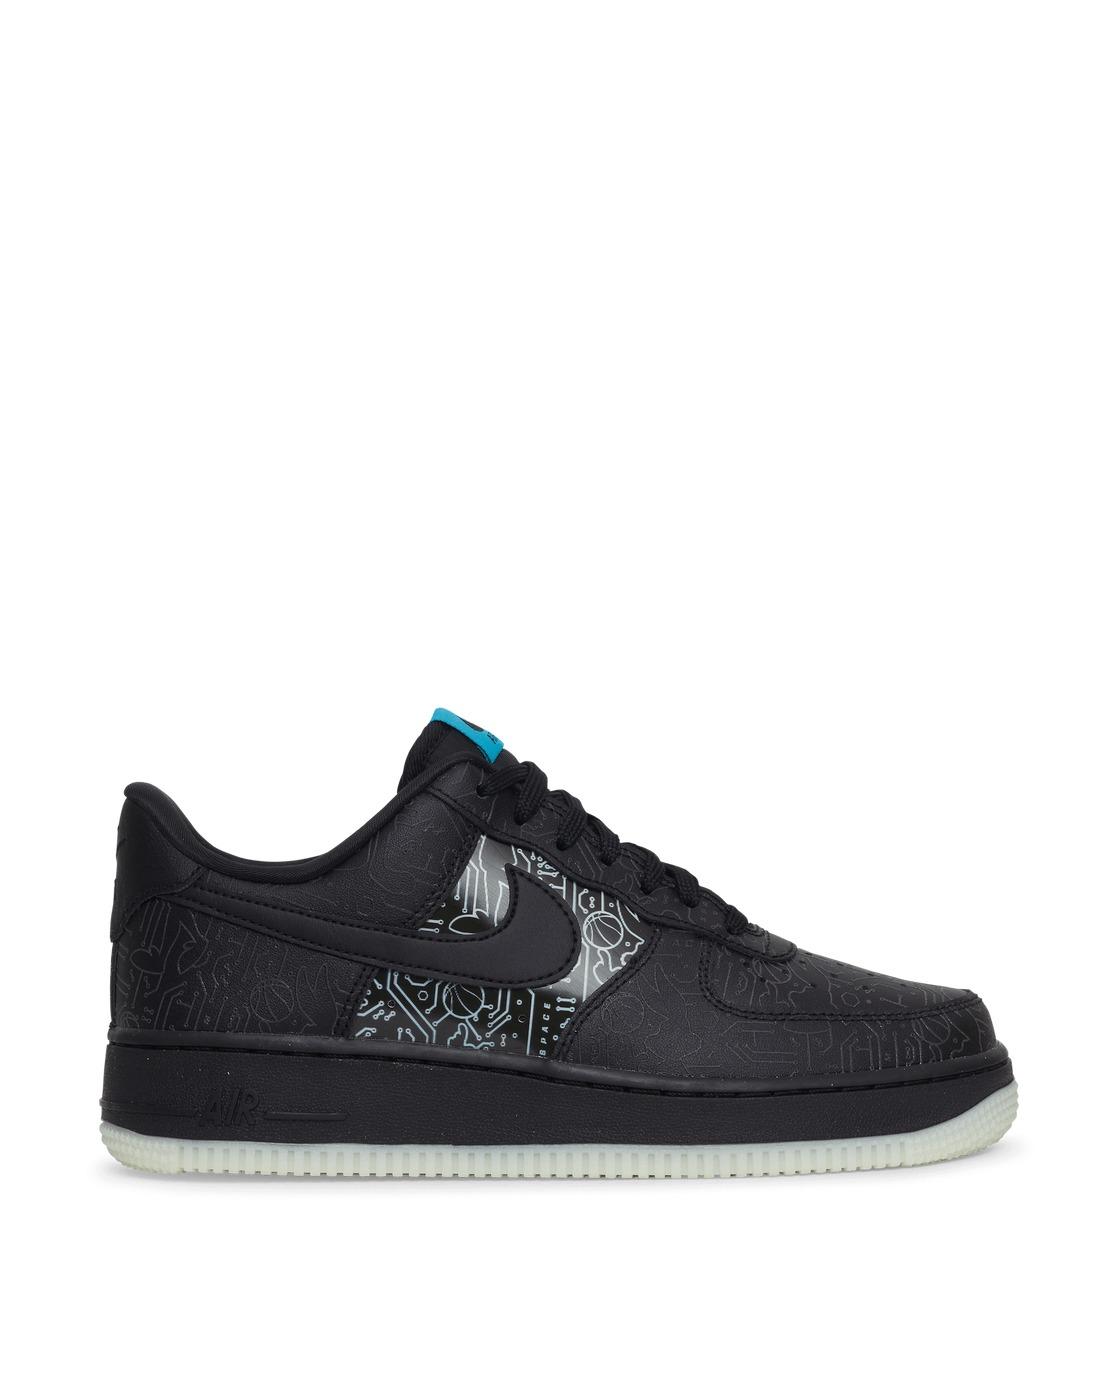 Photo: Nike Space Jam Air Force 1 '07 Sneakers Black/Lt Blue Fury